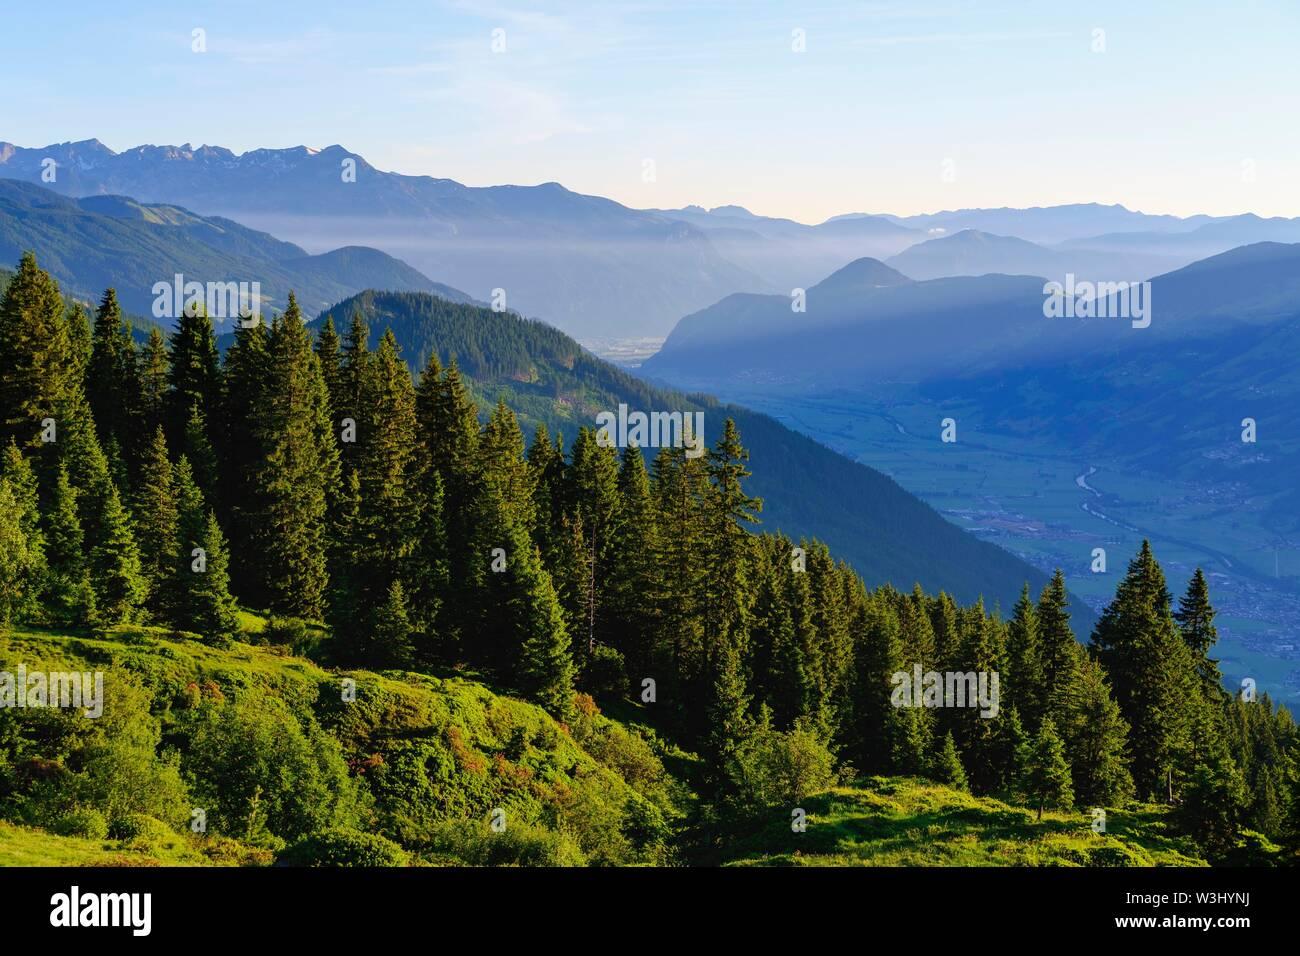 Zillertal avec vue sur la vallée de l'Inn, à partir de la Zillertaler Hohenstrasse près de Kaltenbach, à gauche de Rofan, Tyrol, Autriche Photo Stock